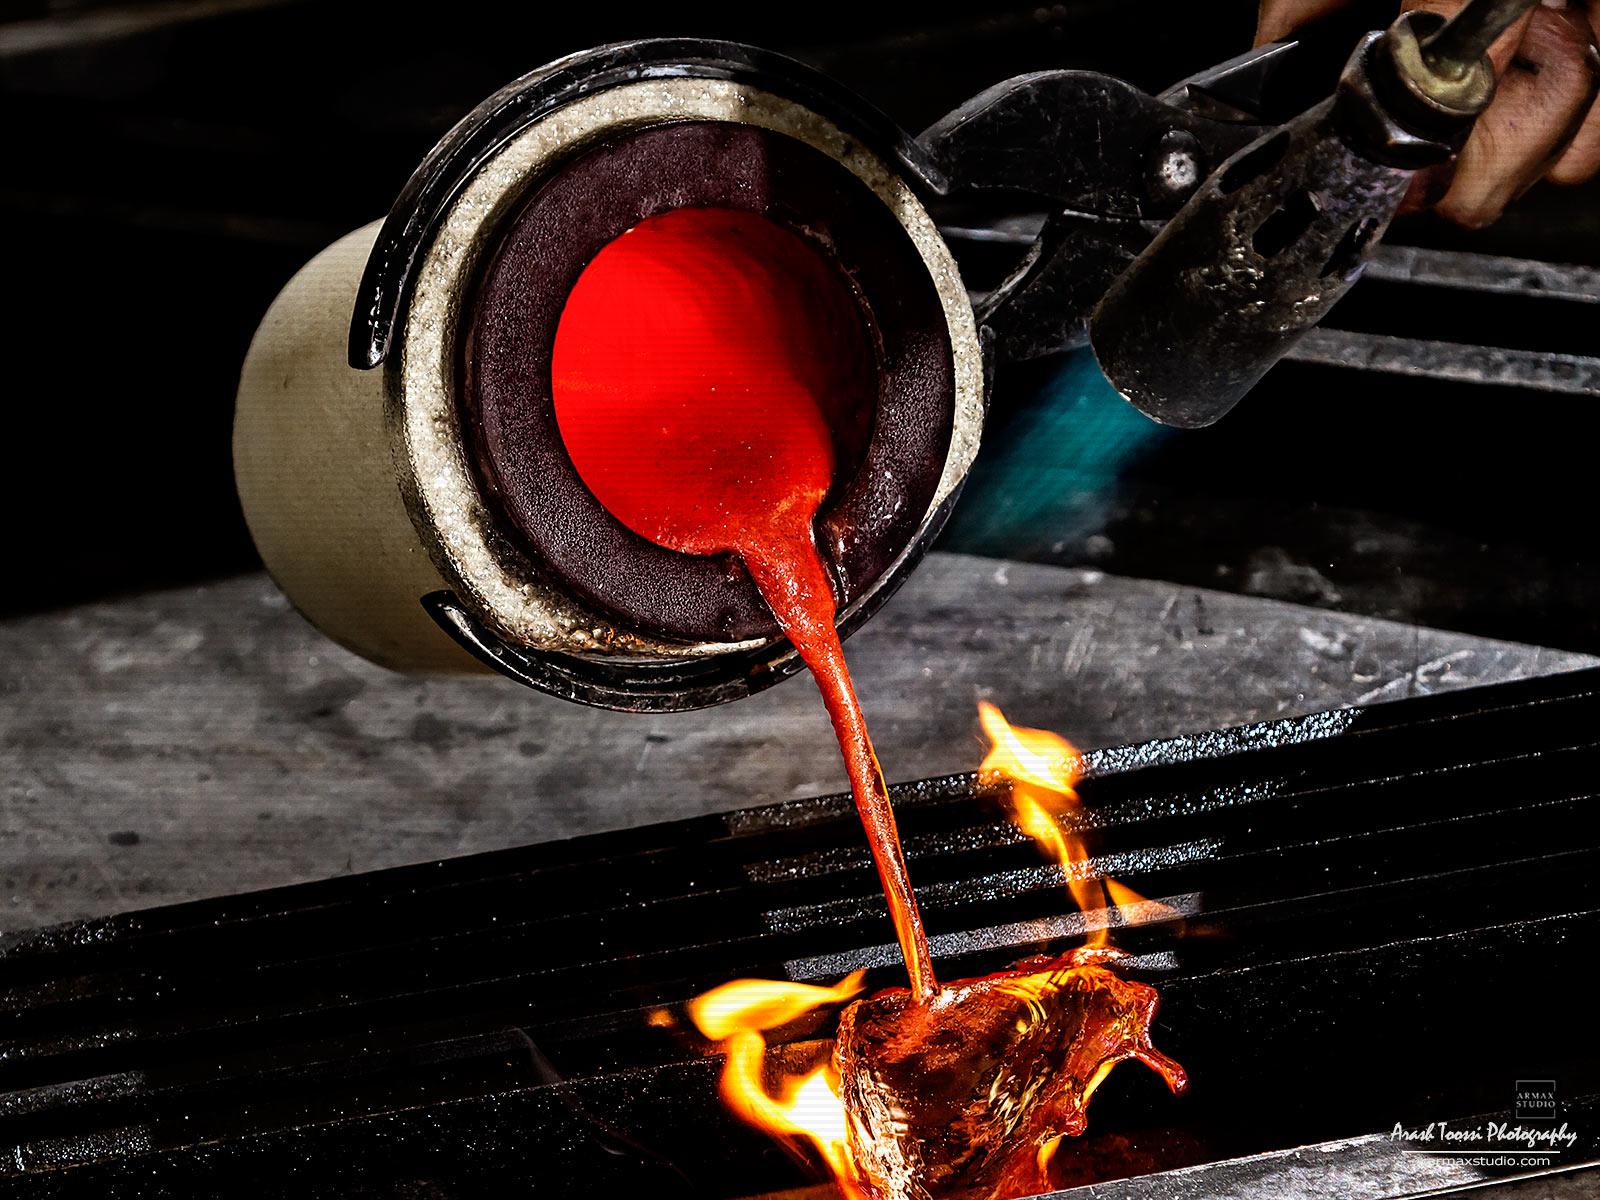 عکاسی صنعتی شاخه ای از عکاسی است که وظیفه دارد محصولات را با کیفیت  بالا قابل قبول  به نمایش بگذارد.